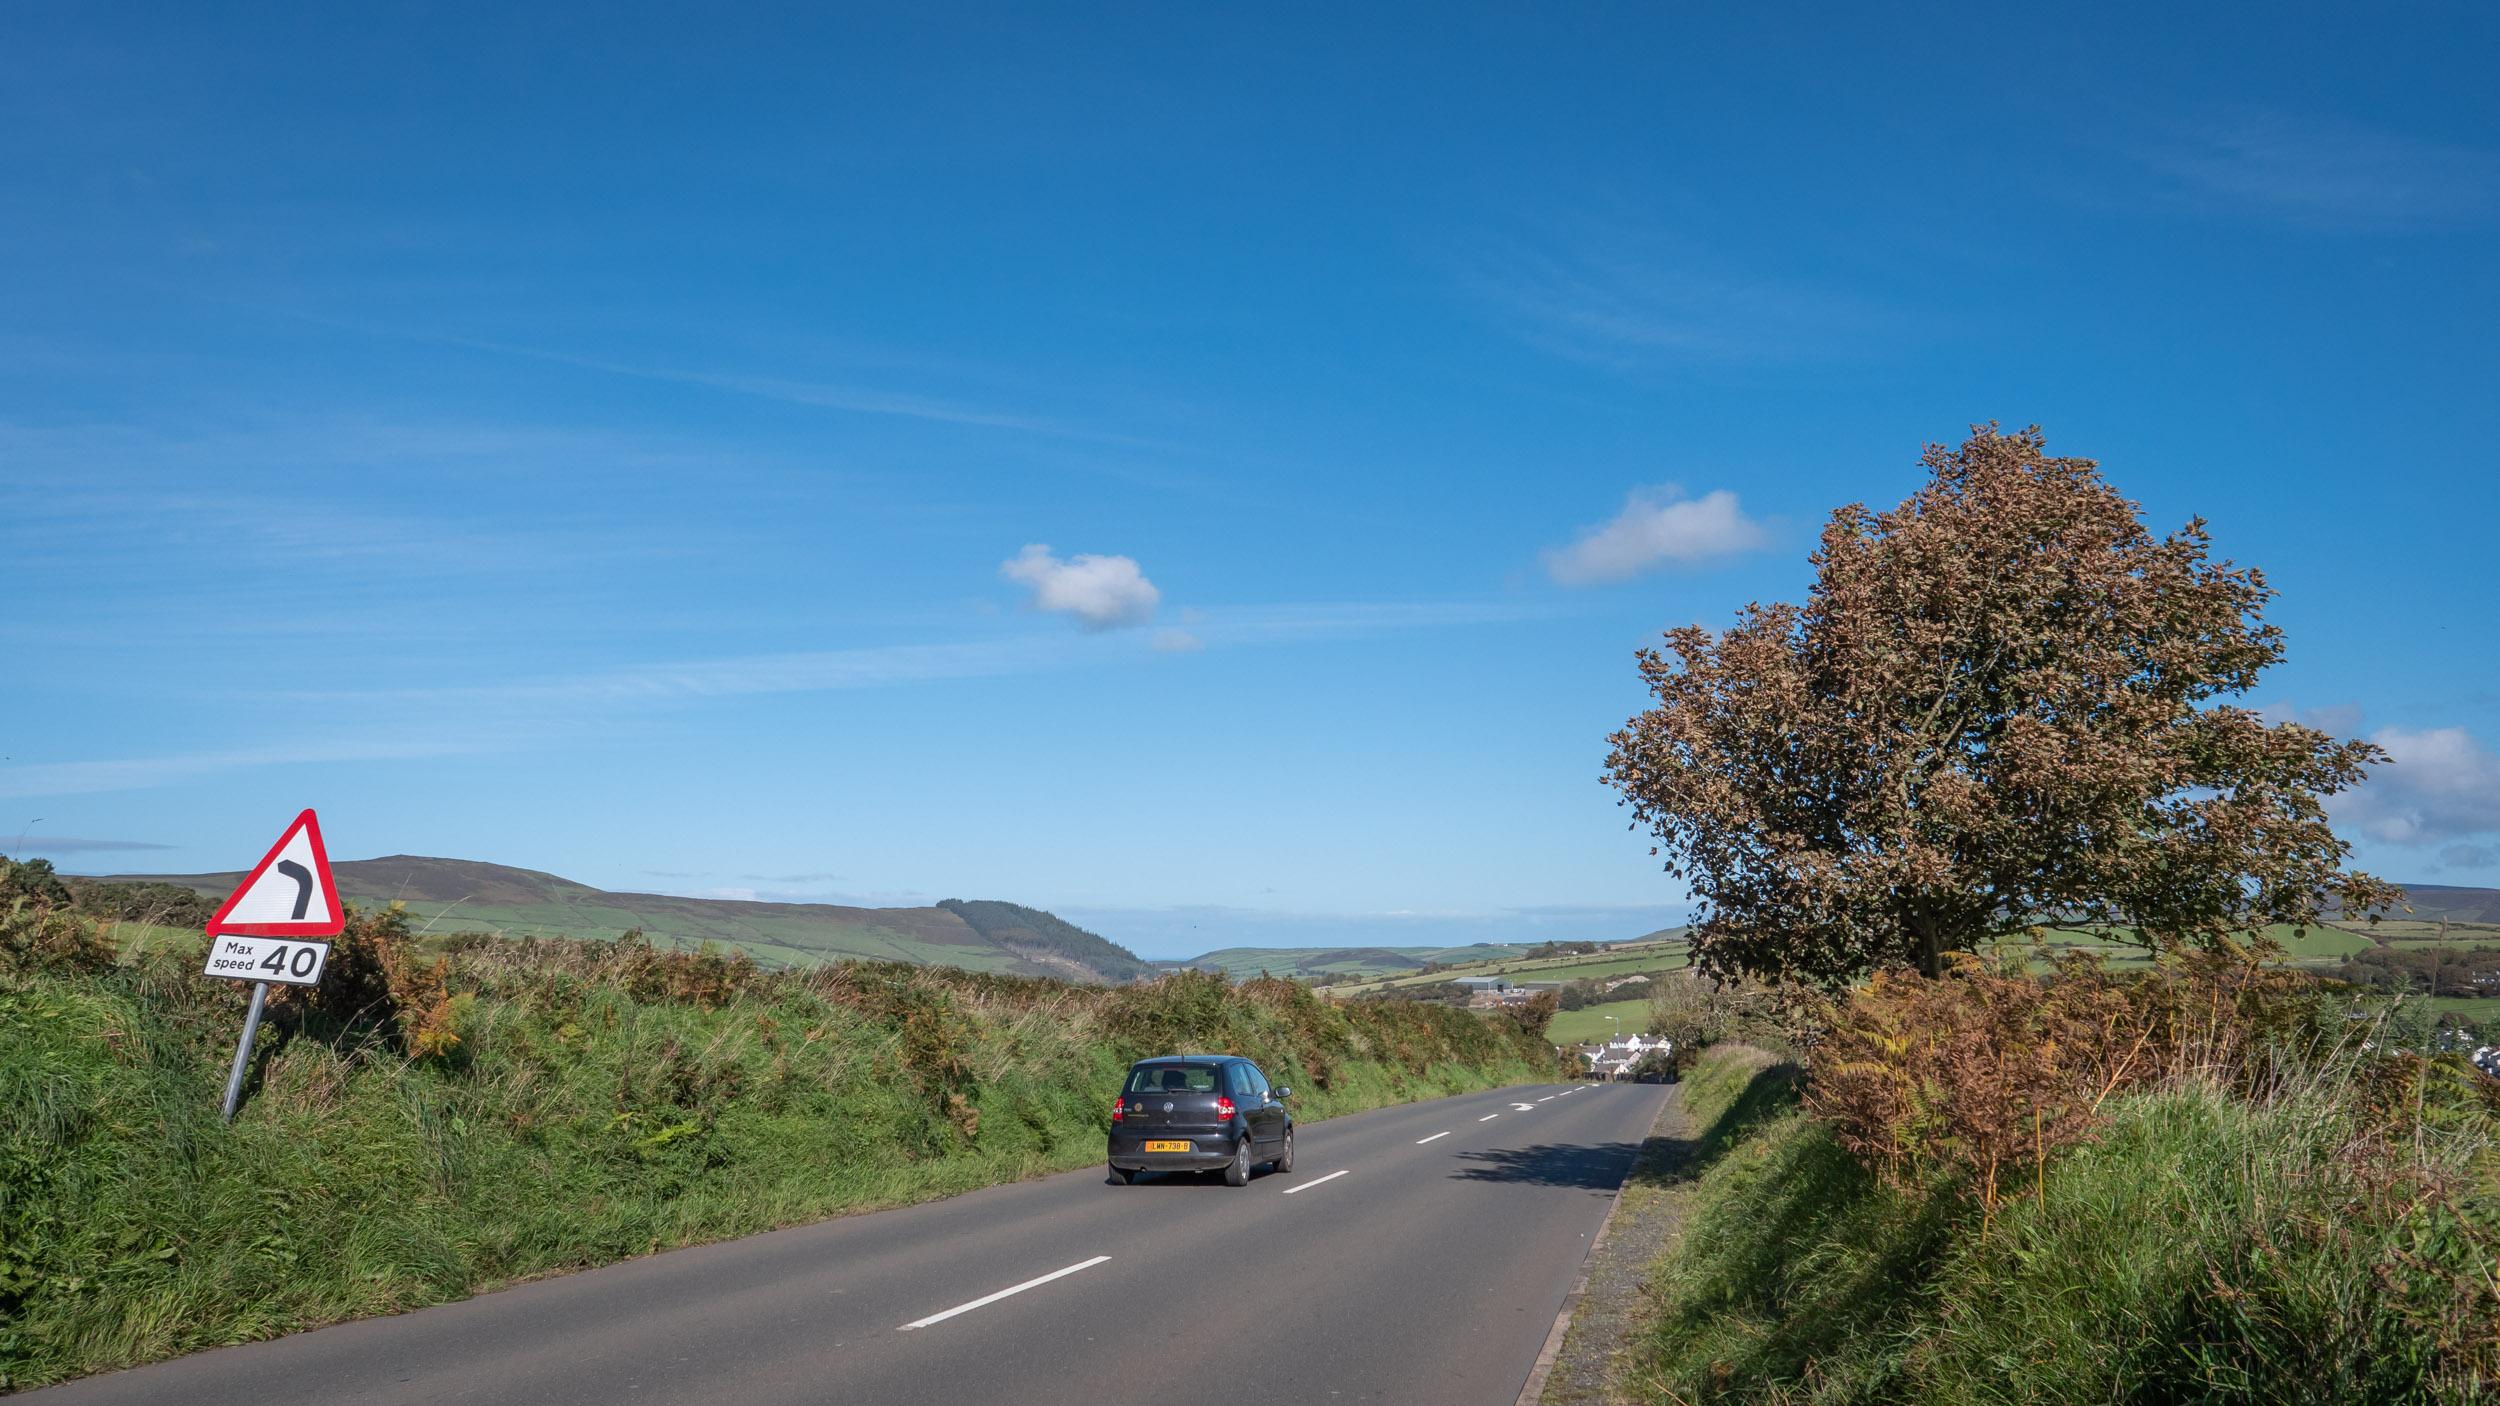 ピールに続くA3:普通の田舎道だが抜群に路面が良くて走りやすい DMC-GX8 + LEICA DG 12-60mm